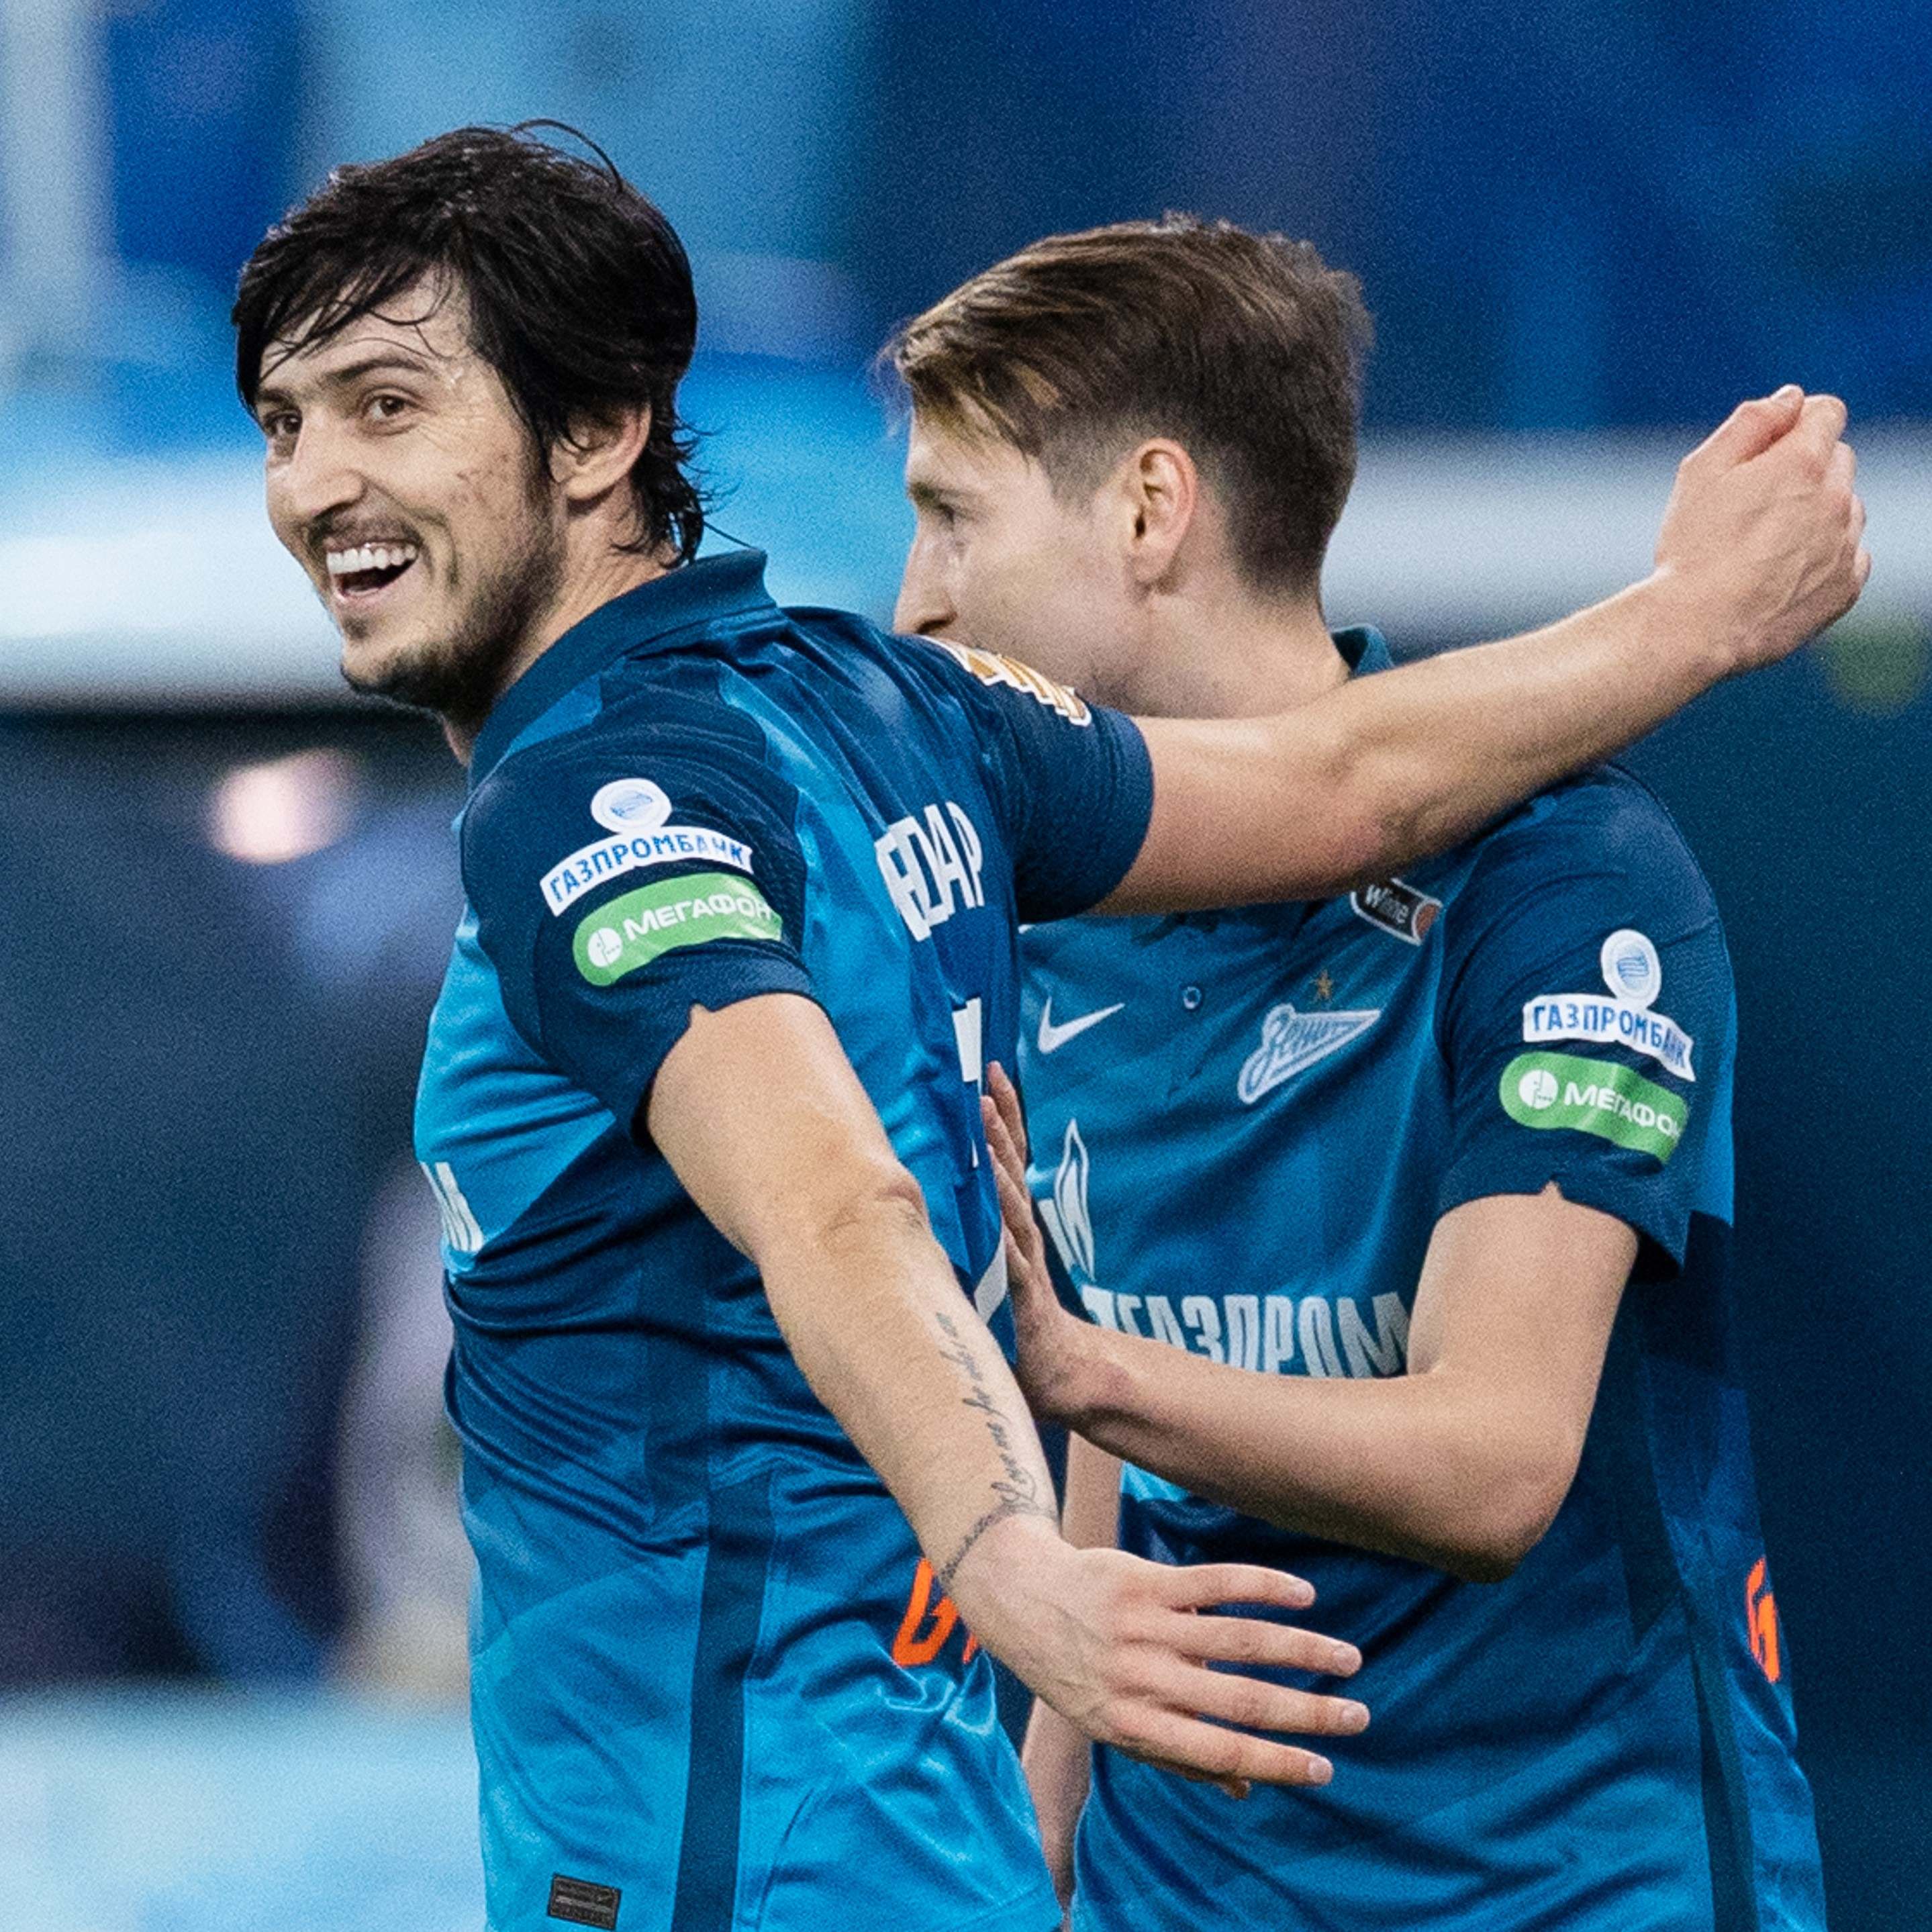 «Зенит» заключил соглашение о сотрудничестве с иранским клубом «Сепахан»